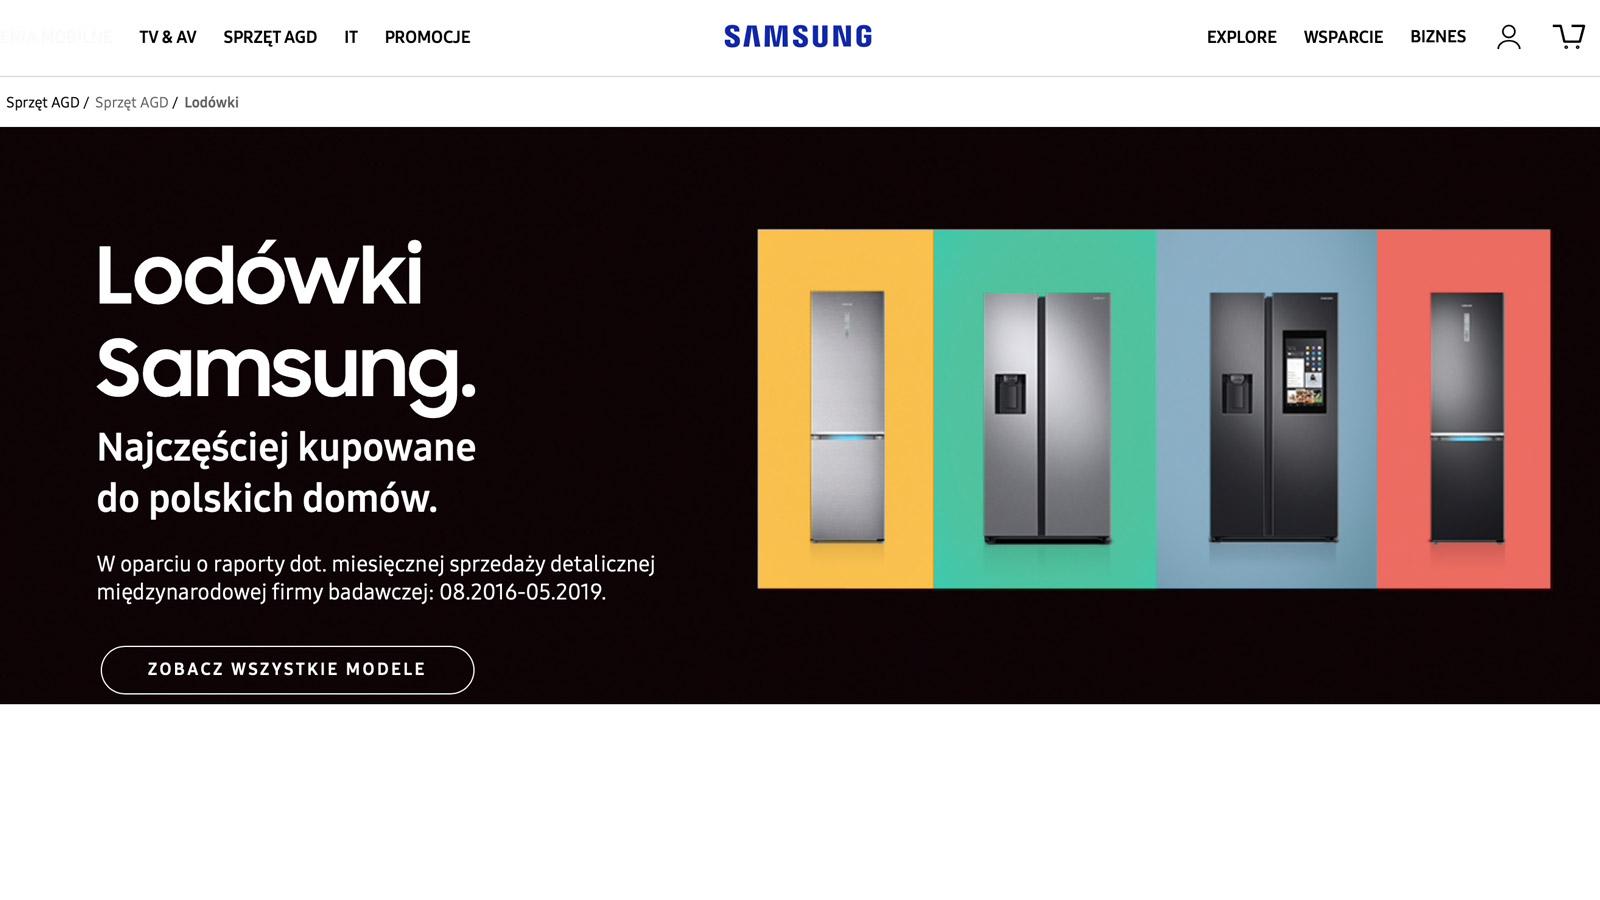 Samsung rozpoczyna współpracę - rewolucja w e-zakupach? Samsung mediarun samsung www lodowki frisco www 2019